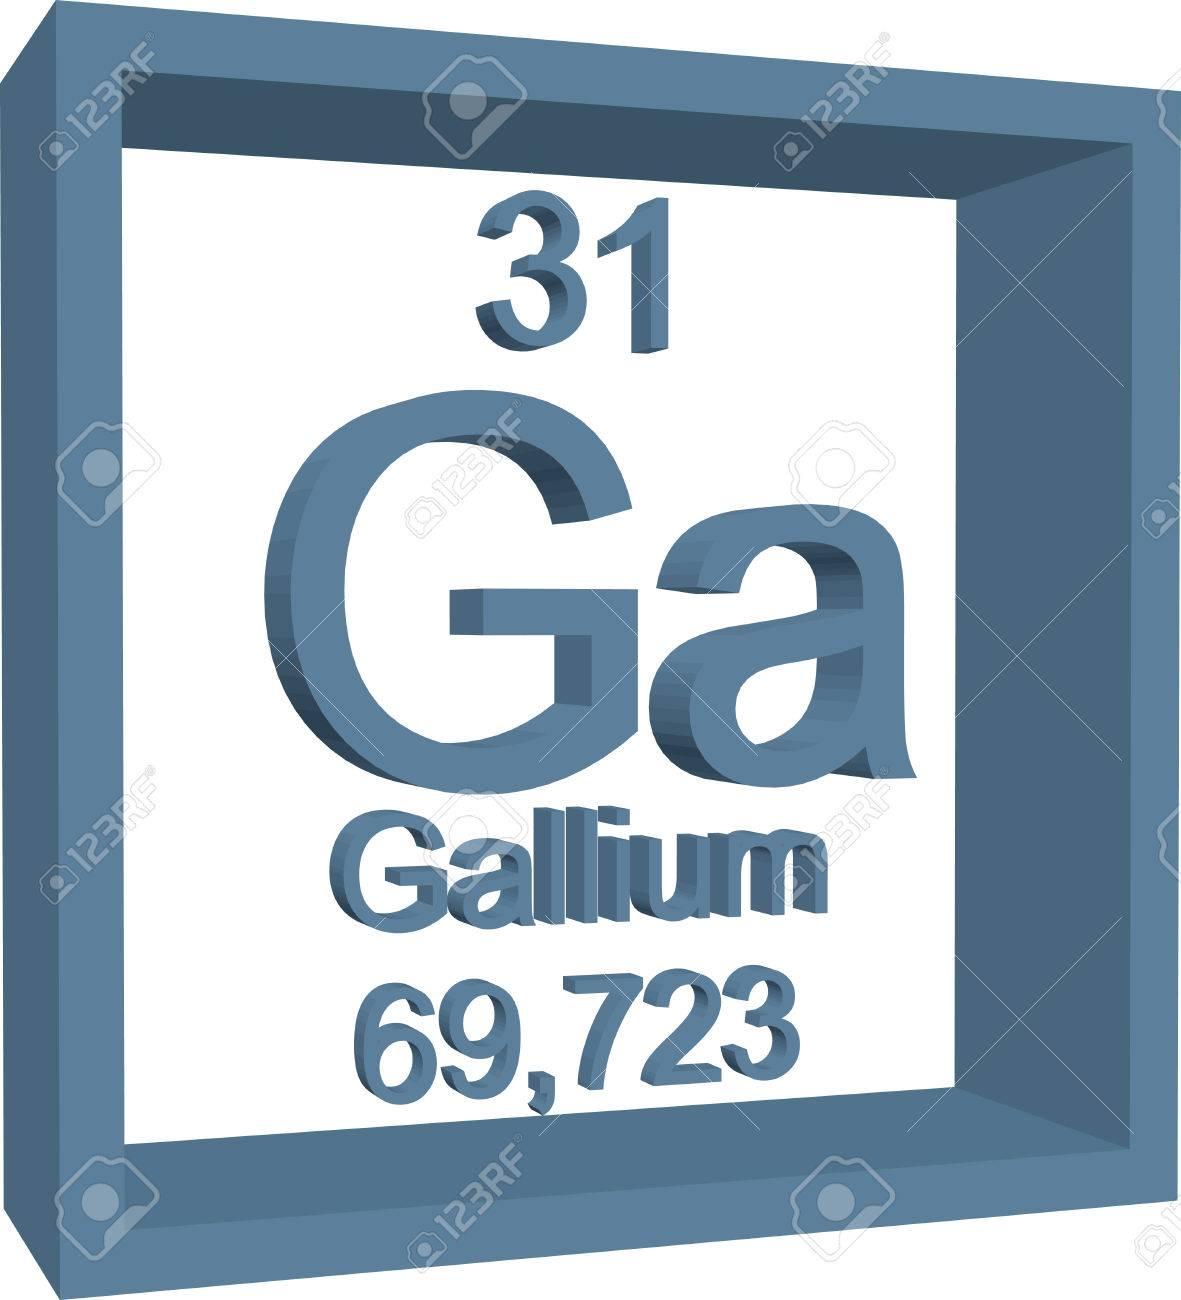 tabla peridica de los elementos galio foto de archivo 57951780 - Tabla Periodica De Los Elementos Galio